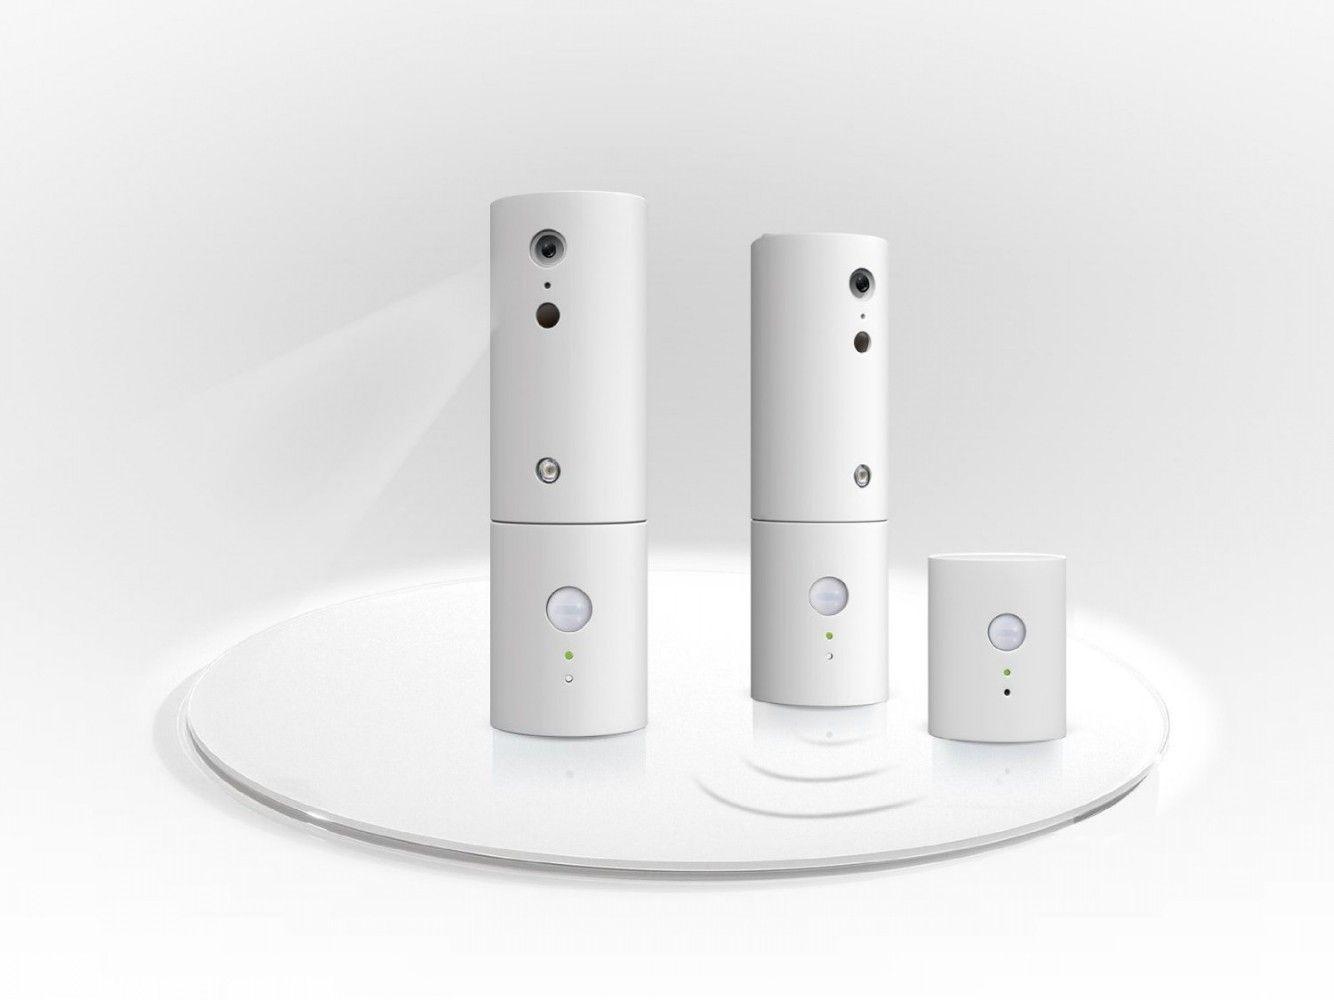 Камера видеонаблюдения Amaryllo iSensor HD White - 3